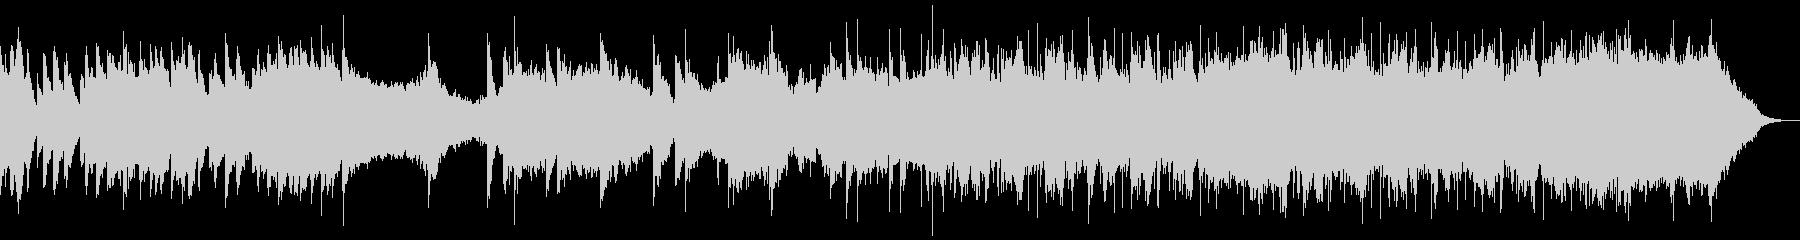 イントロが印象的なピアノ・ストリングスの未再生の波形